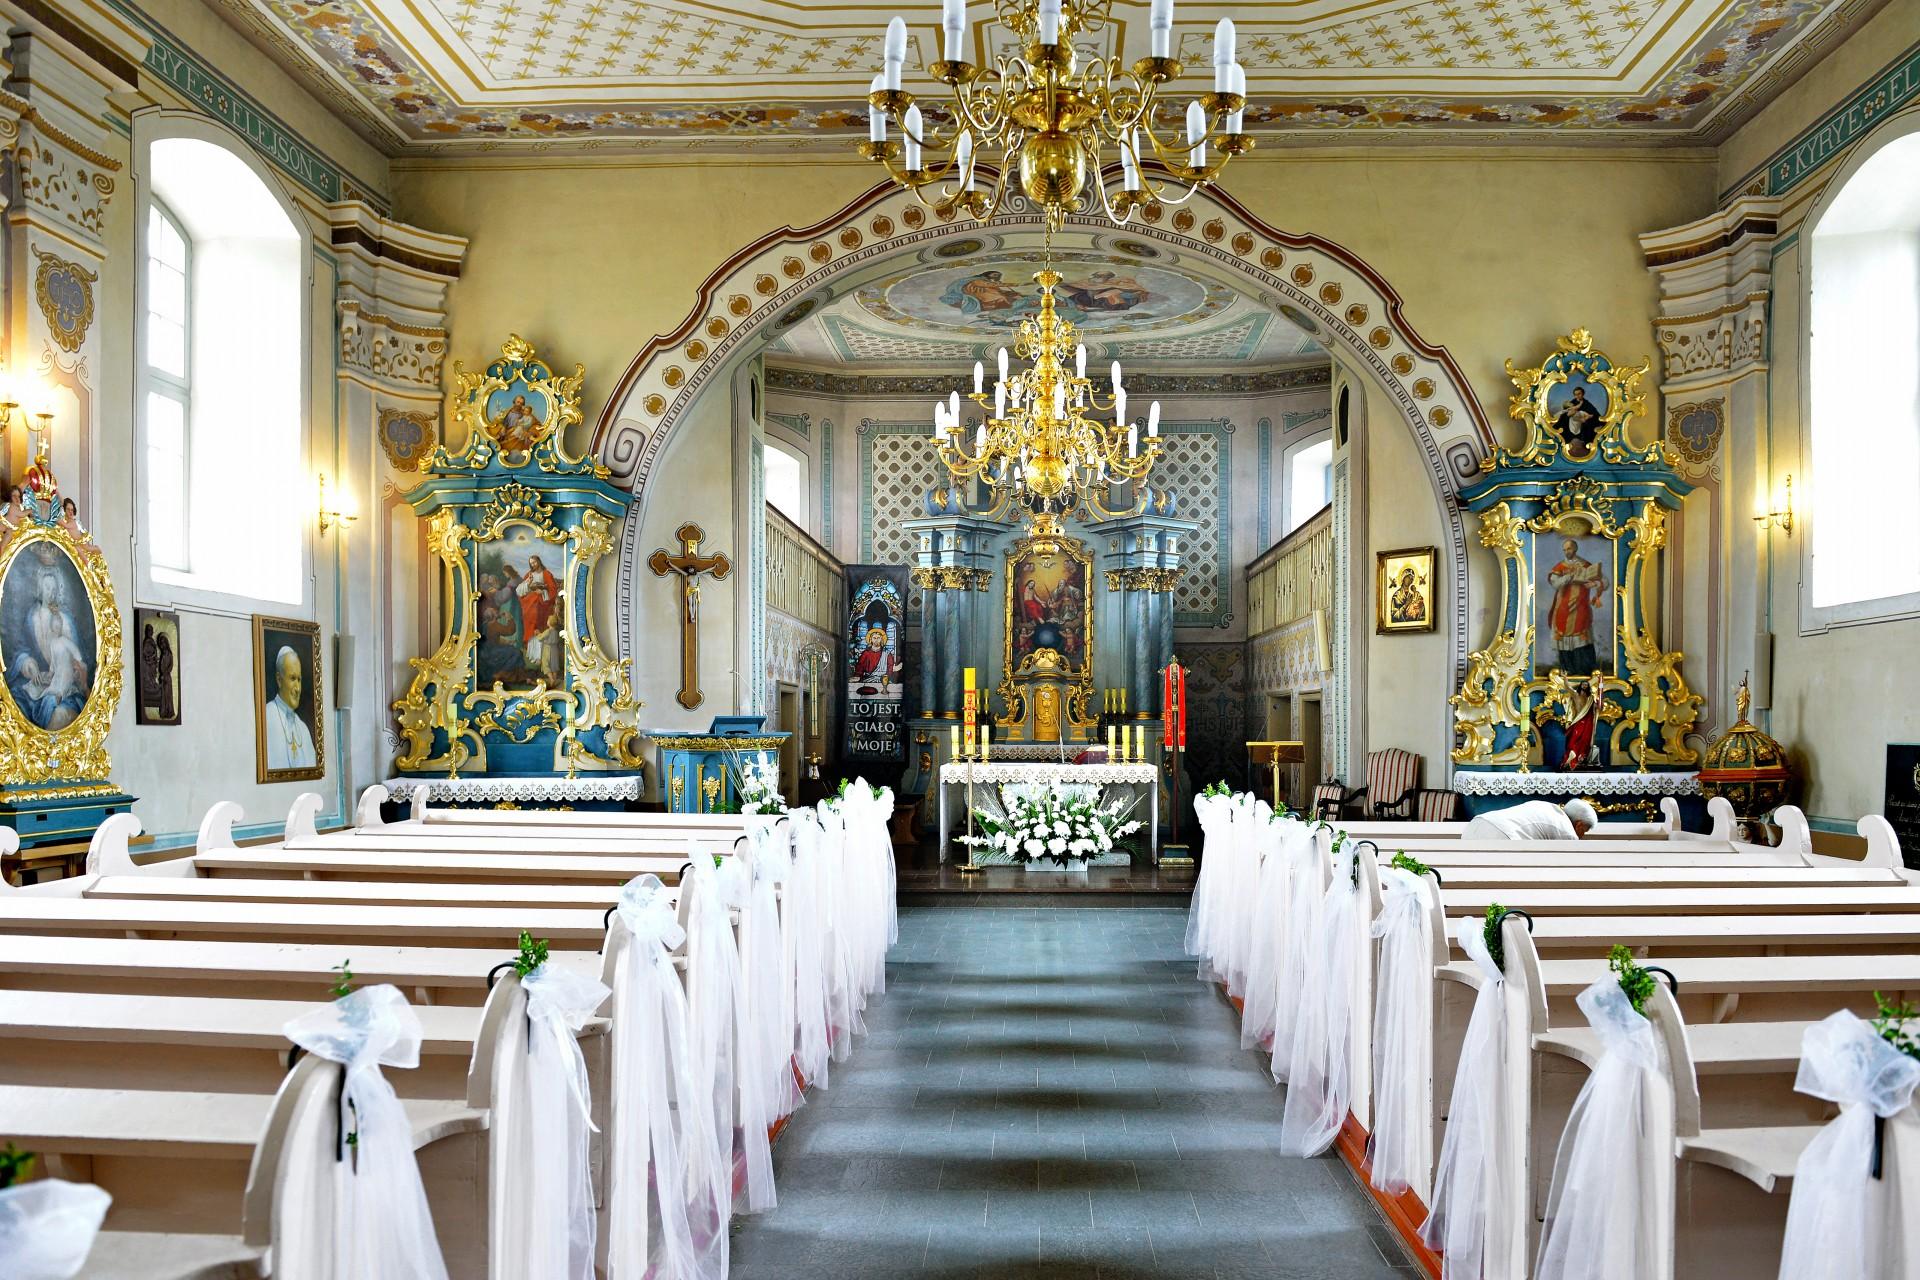 Garczyn, wnętrze kościoła pw. św. Andrzeja Apostoła Fot. Adam Szewczyk